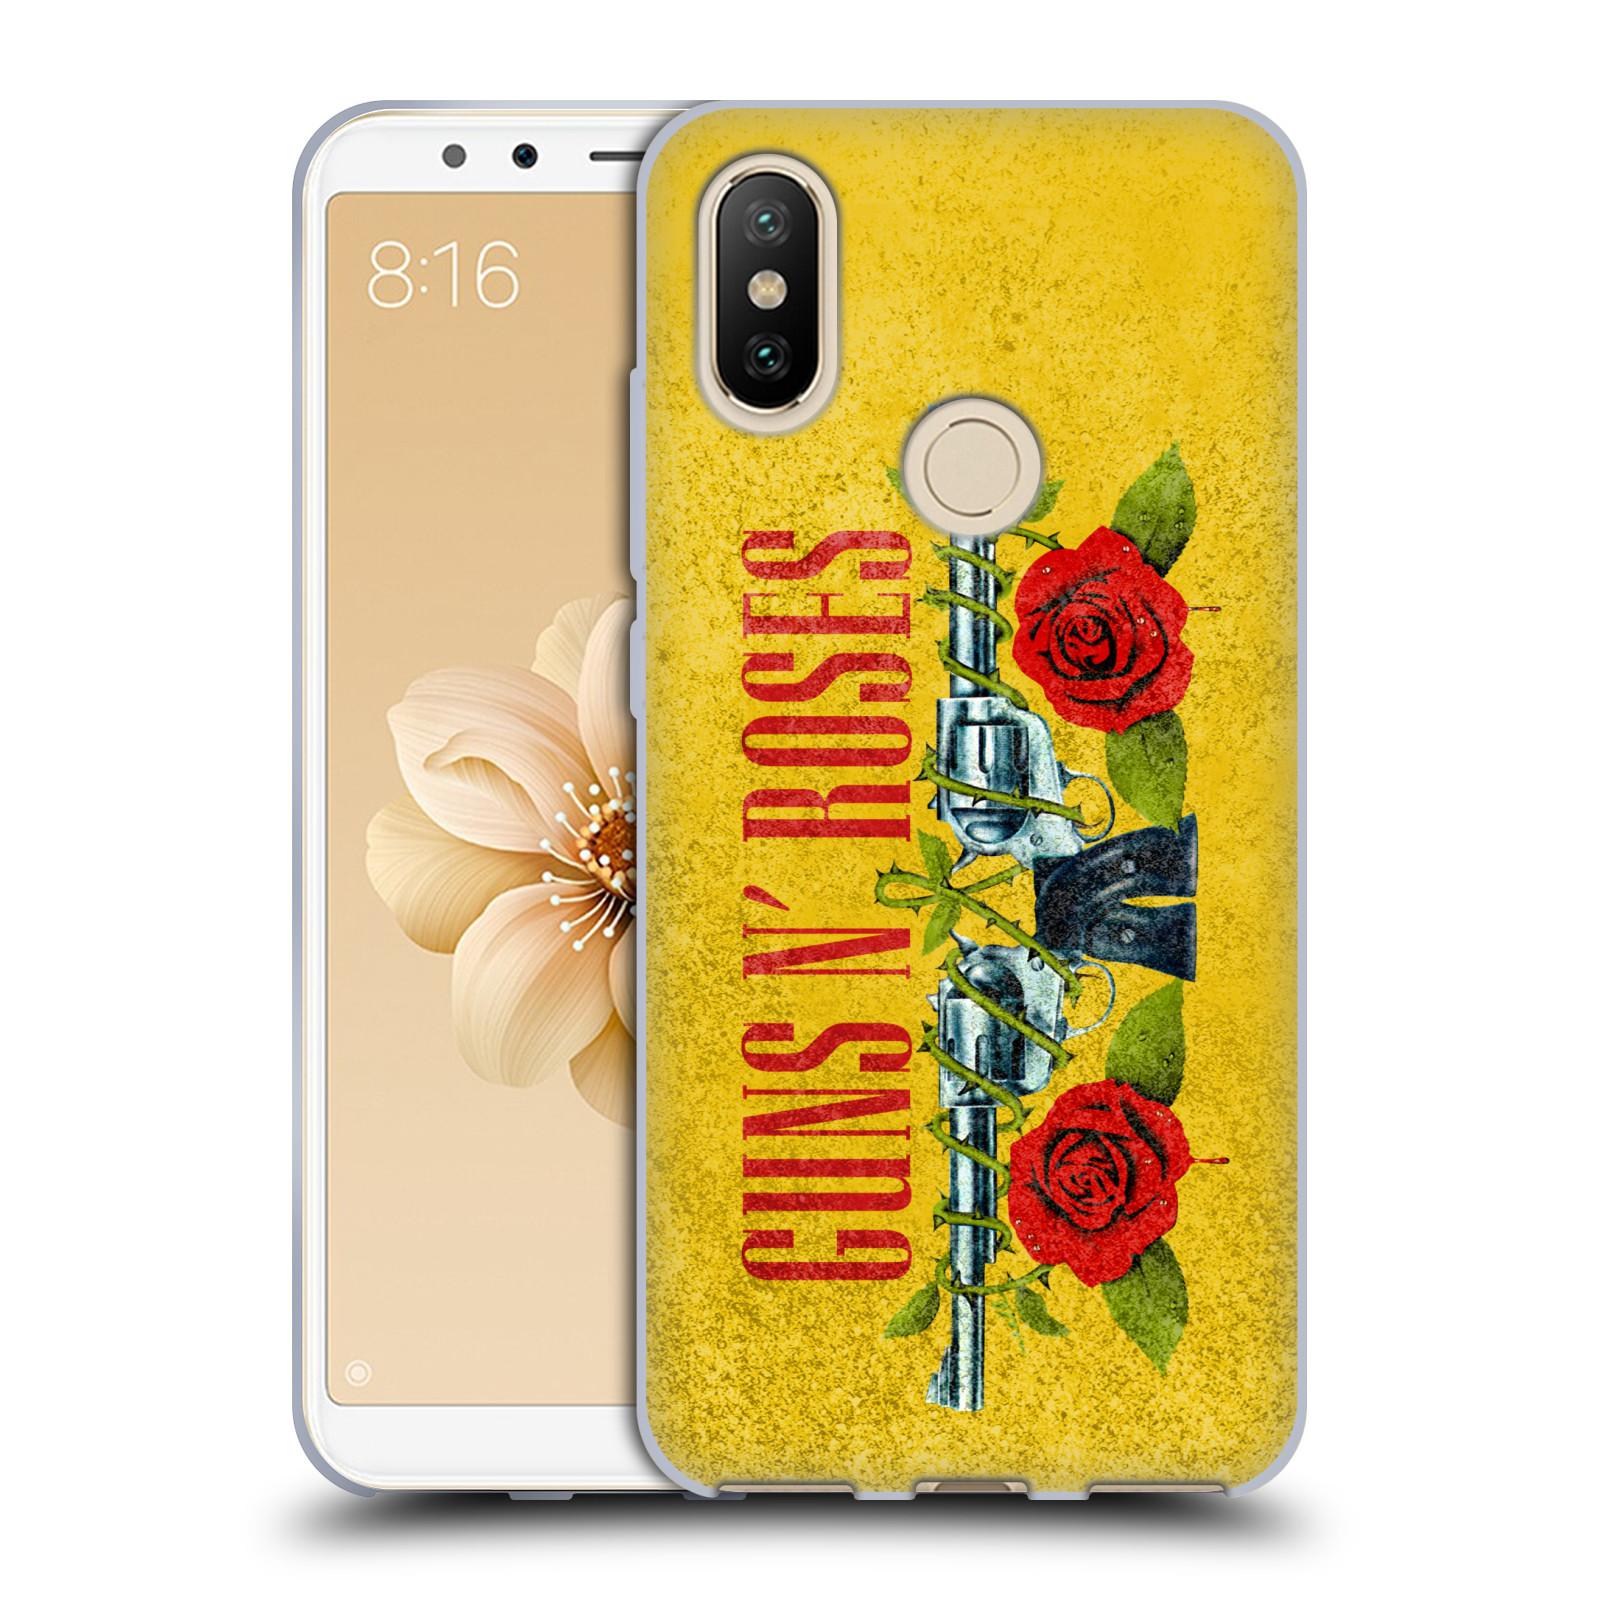 7fc439daf Silikonové pouzdro na mobil Xiaomi Mi A2 hudební skupina Guns N Roses  pistole a růže žluté pozadí